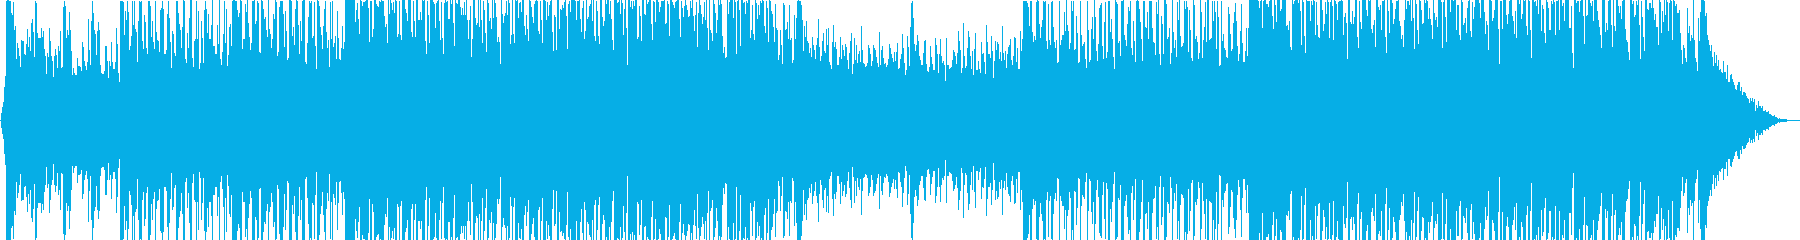 切なく前向きなコーポレート系ポップスの再生済みの波形